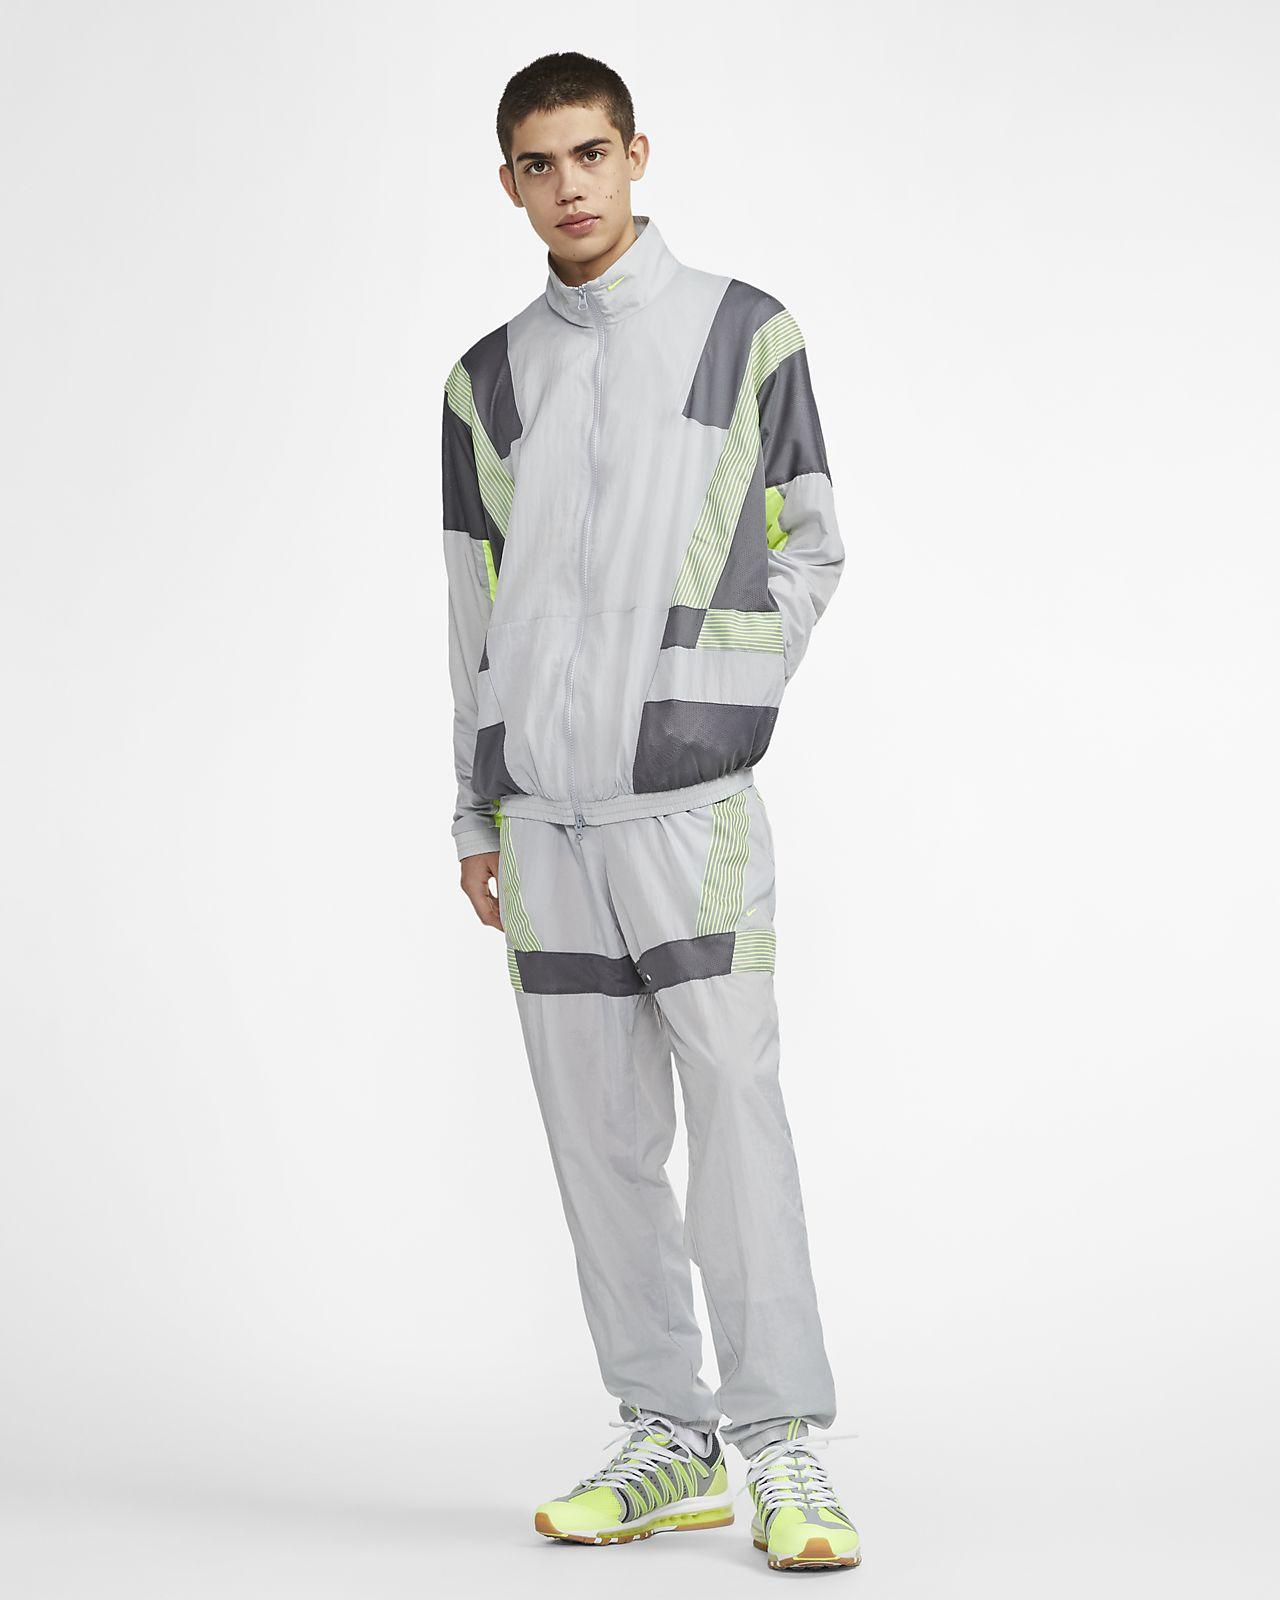 Nike x CLOT Men's Tracksuit